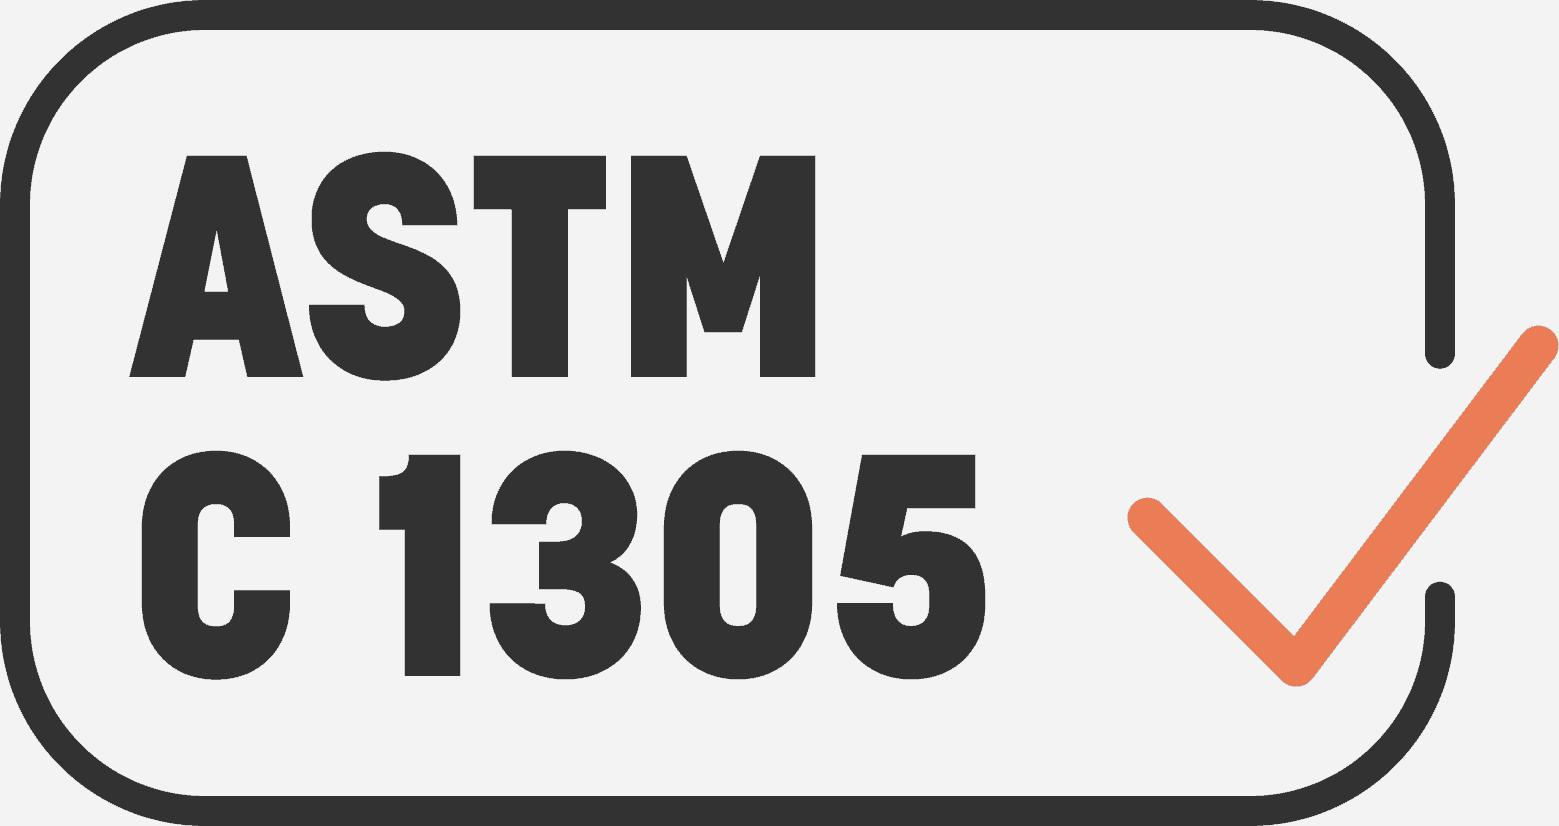 ASTM C 1305